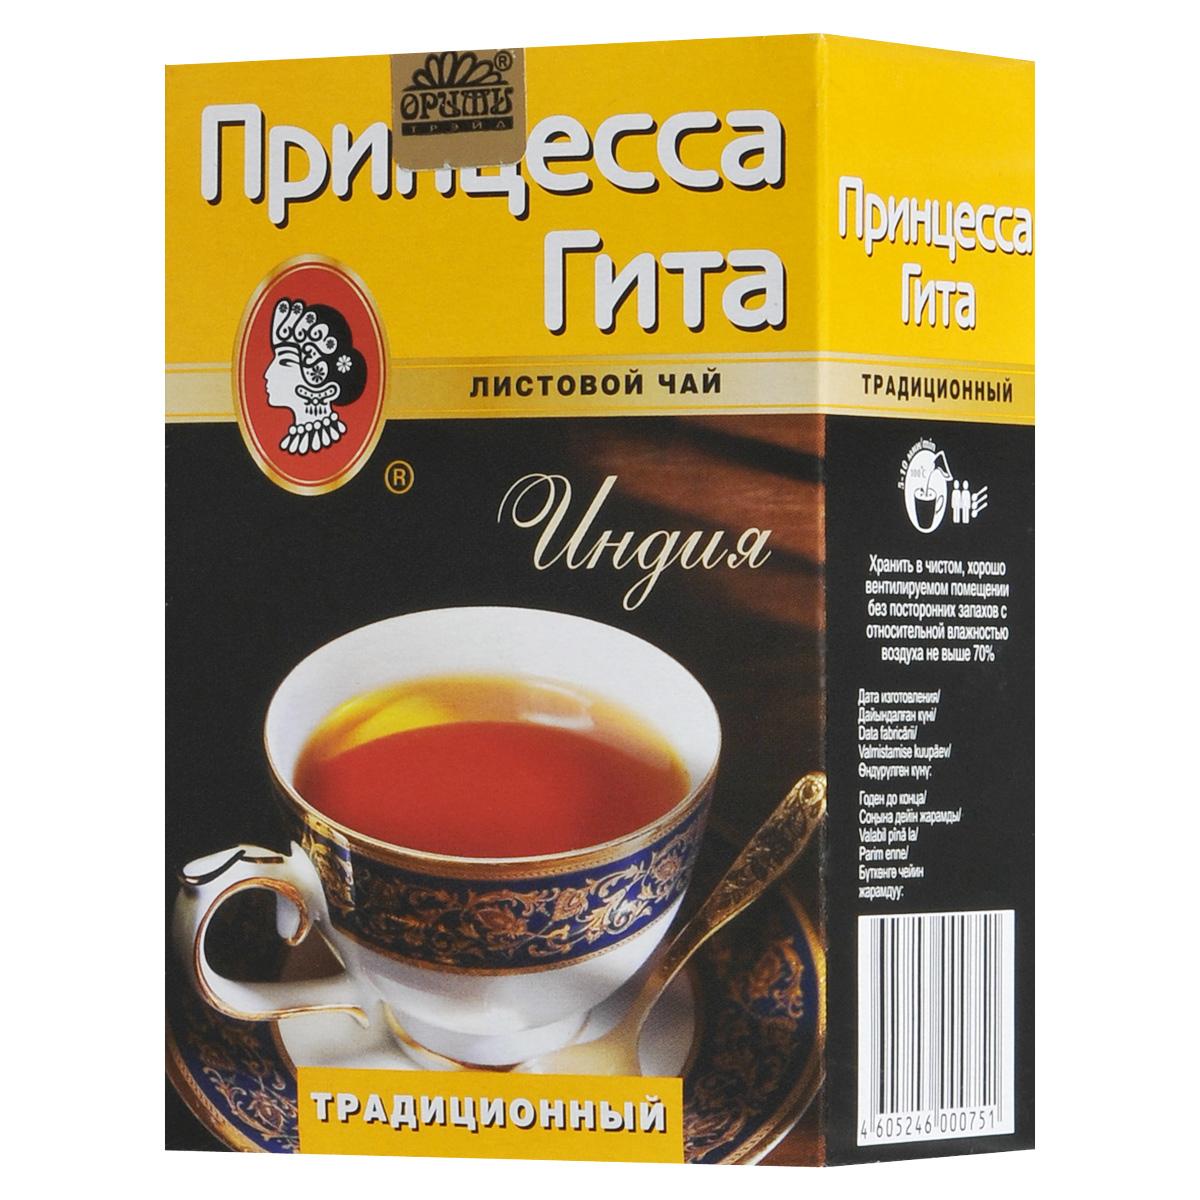 Принцесса Гита Традиционный черный листовой чай, 100 г0120710Листовой чай Принцесса Гита Традиционный - идеальный выбор для любителей настоящего индийского чая. Чашка этого тонизирующего чая подарит вам бодрость и хорошее настроение на весь день.